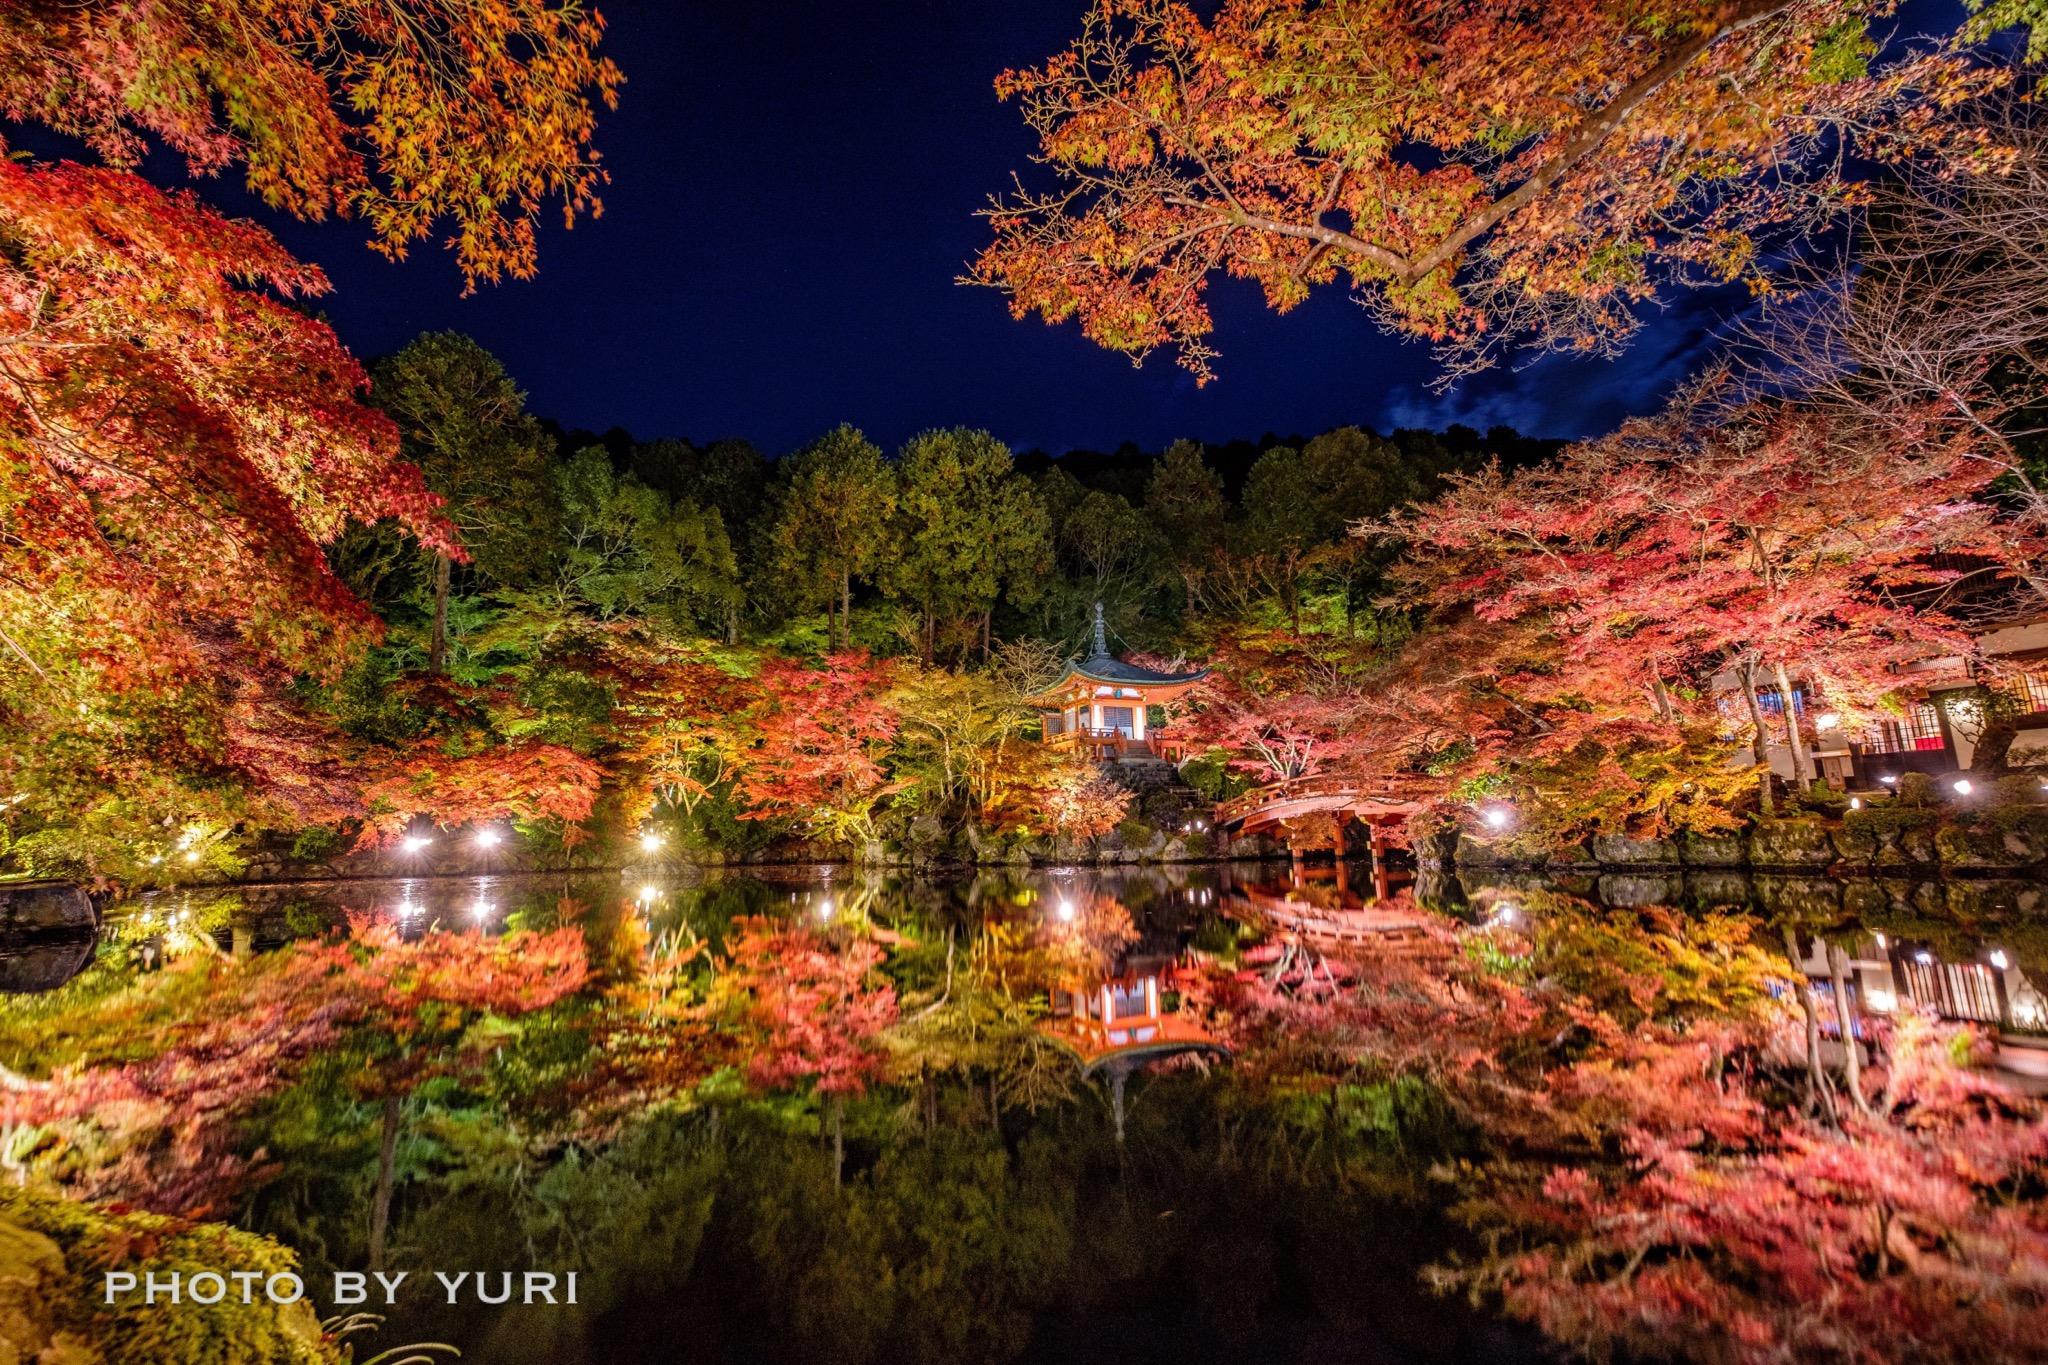 秋の京都「インスタグラムキャンペーン」優秀賞を受賞しました